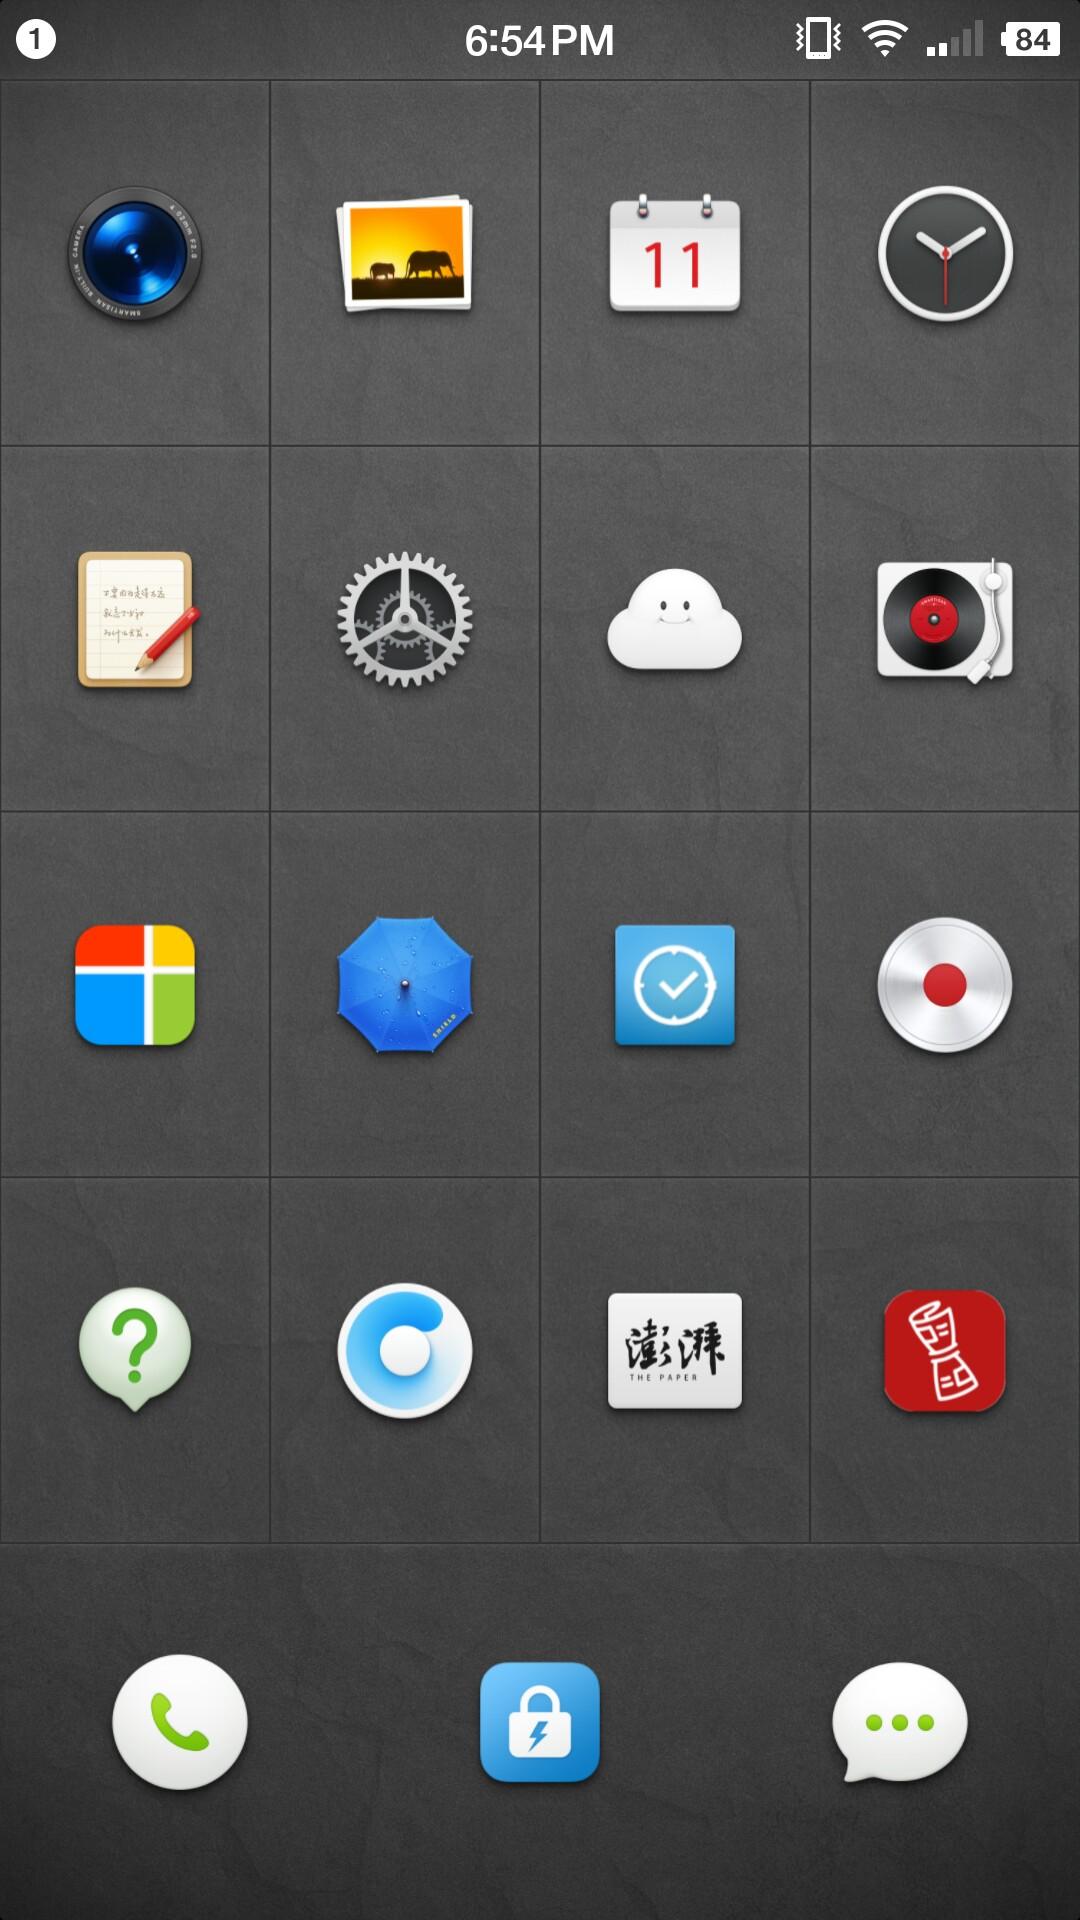 Screenshot_2016-11-11-18-54-44-727_??_compress.png